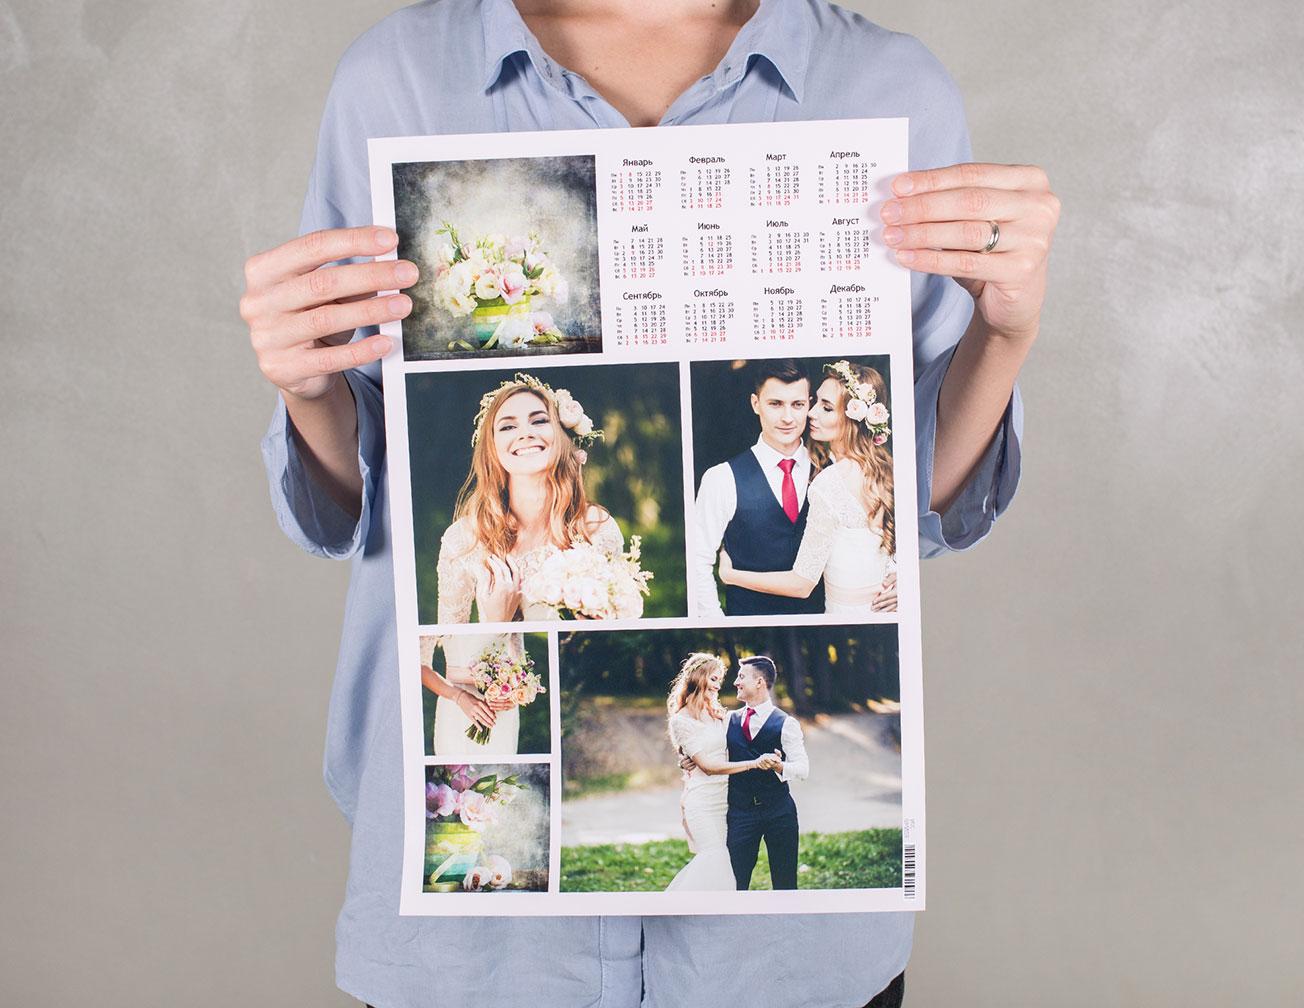 Подарить календарь с фото